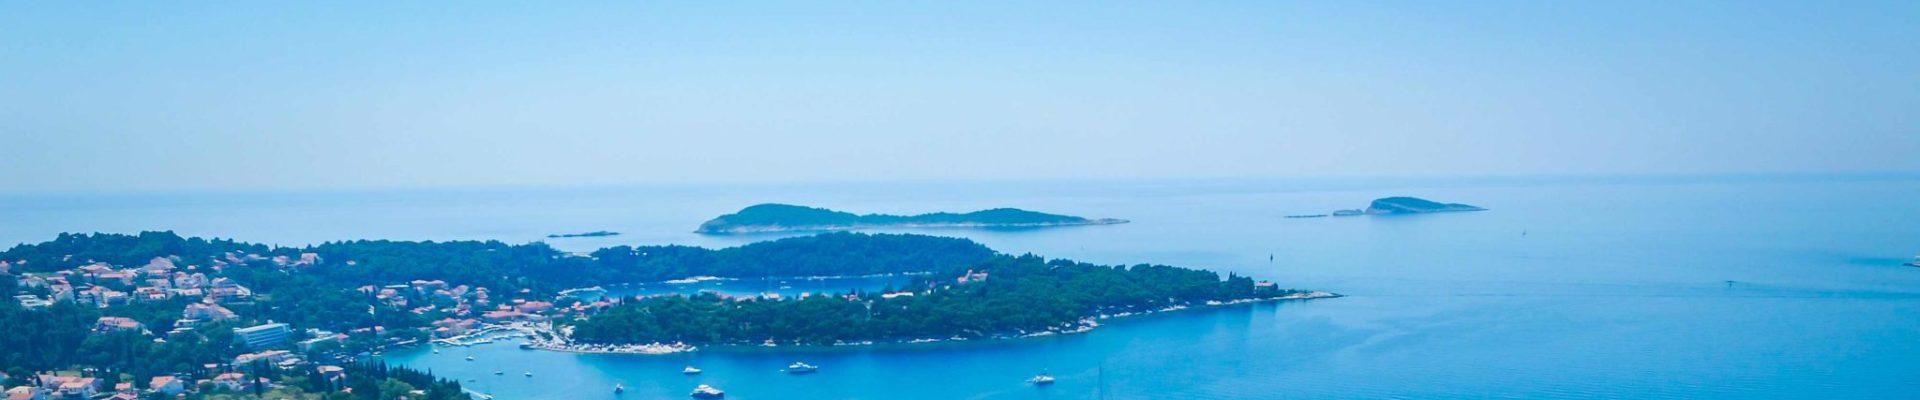 Cavtat Bay Dubrovnik Riiviera Strip